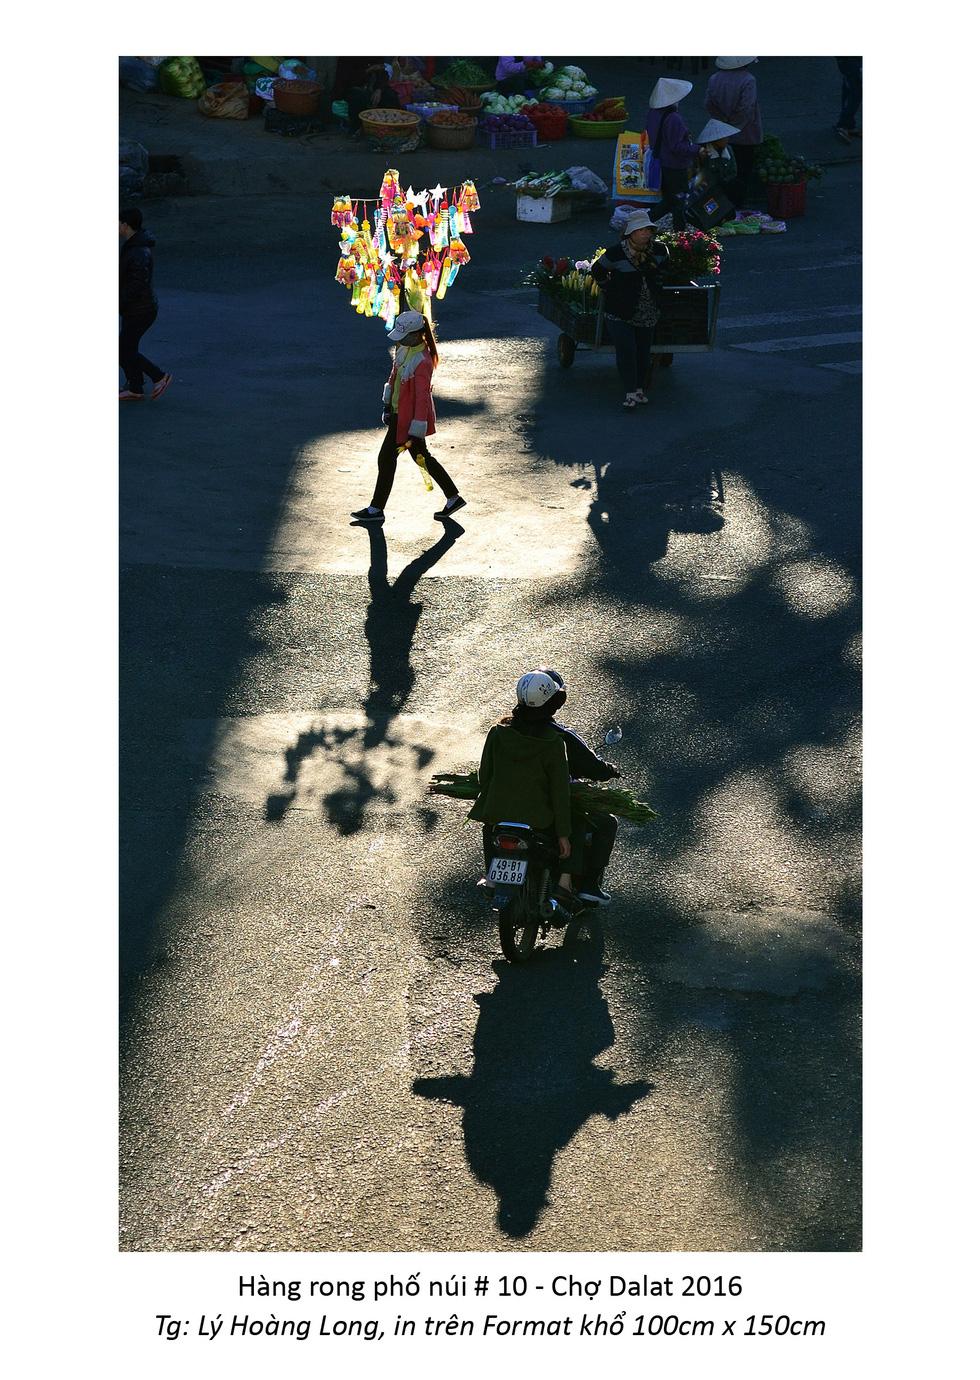 4 nghệ sĩ, nông dân, người bán lẩu dựng đường ảnh Dalat Harmony - Ảnh 11.